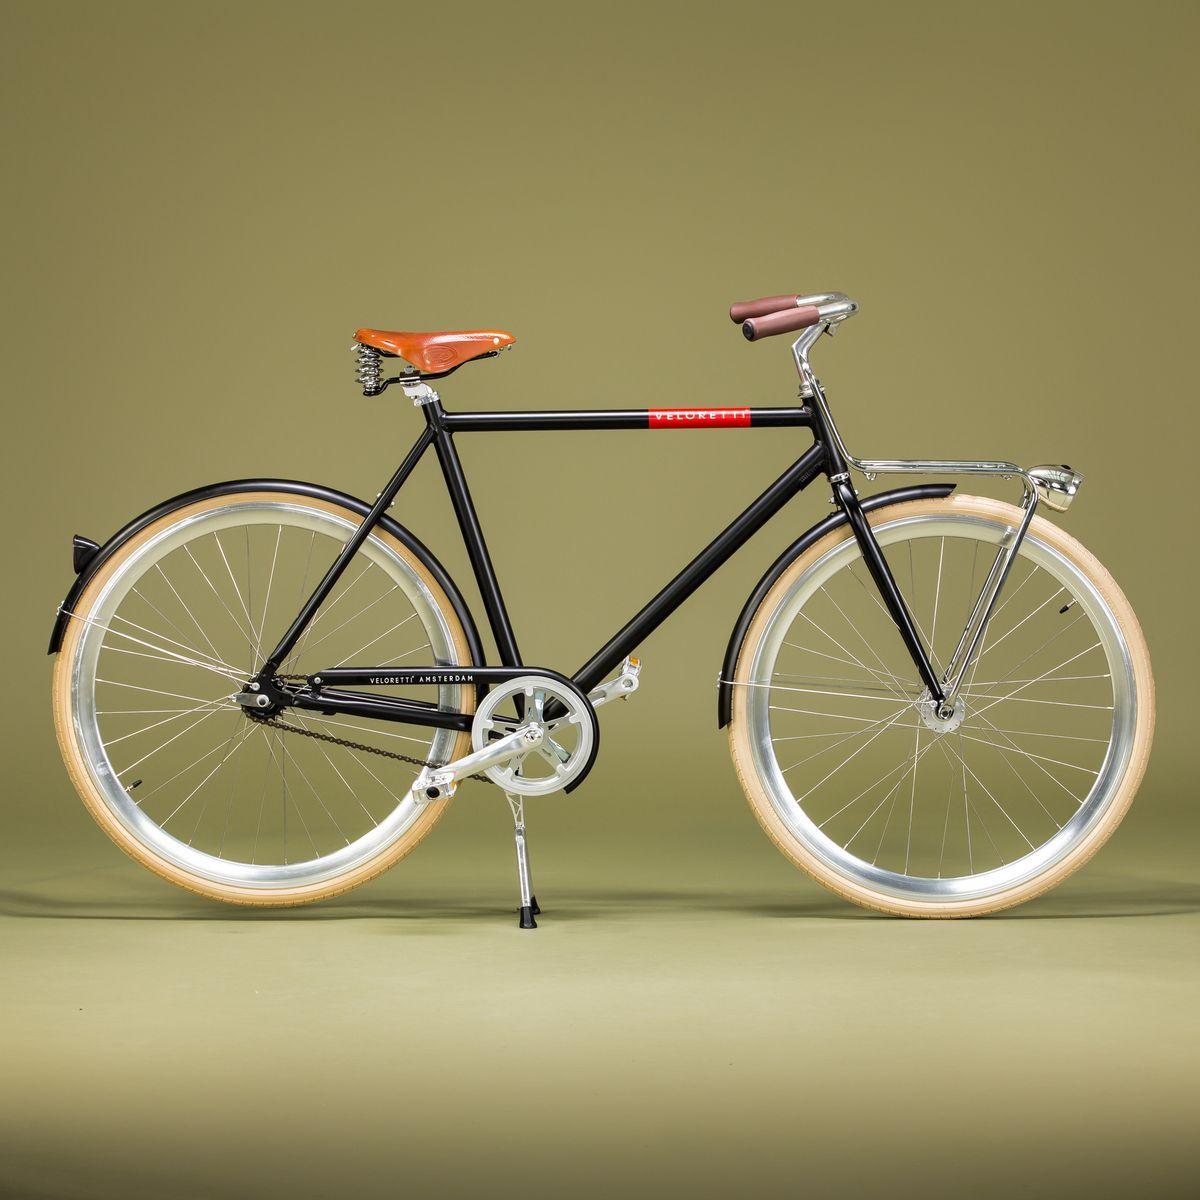 Pin De Karl Kemnitz Em Great Bikes Bicicleta De Estrada